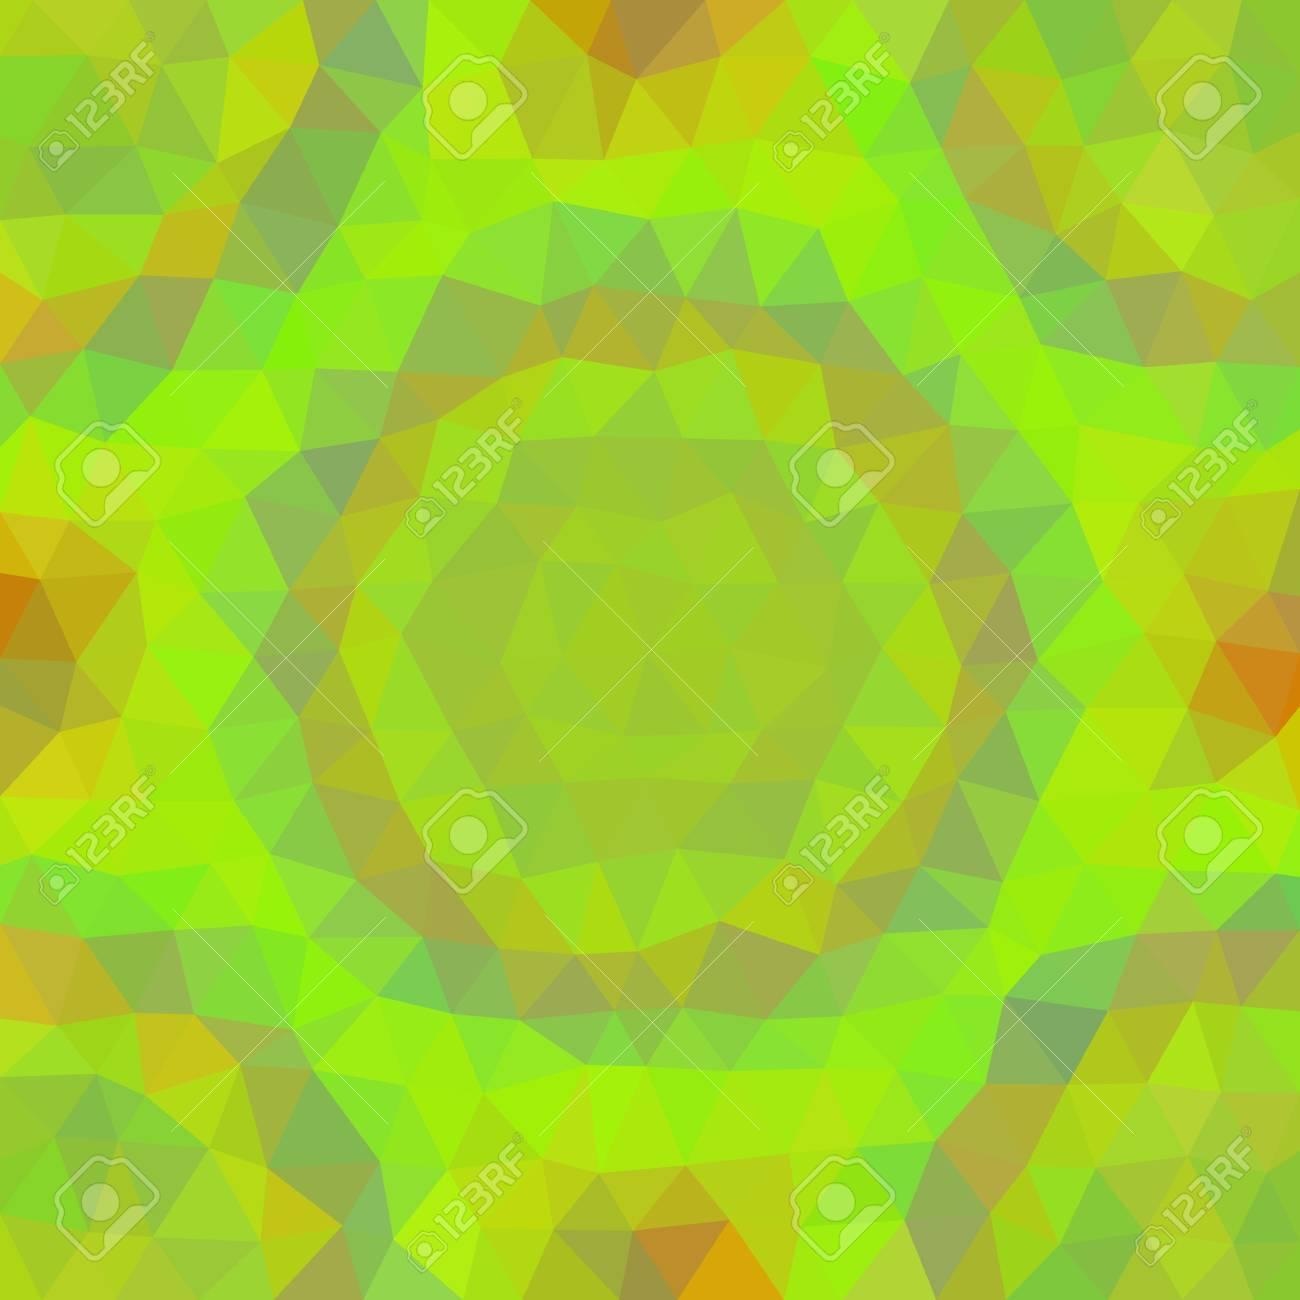 Résumé Jaune De Couleur Orange Faible Motif Poly Triangulaire Vert ...